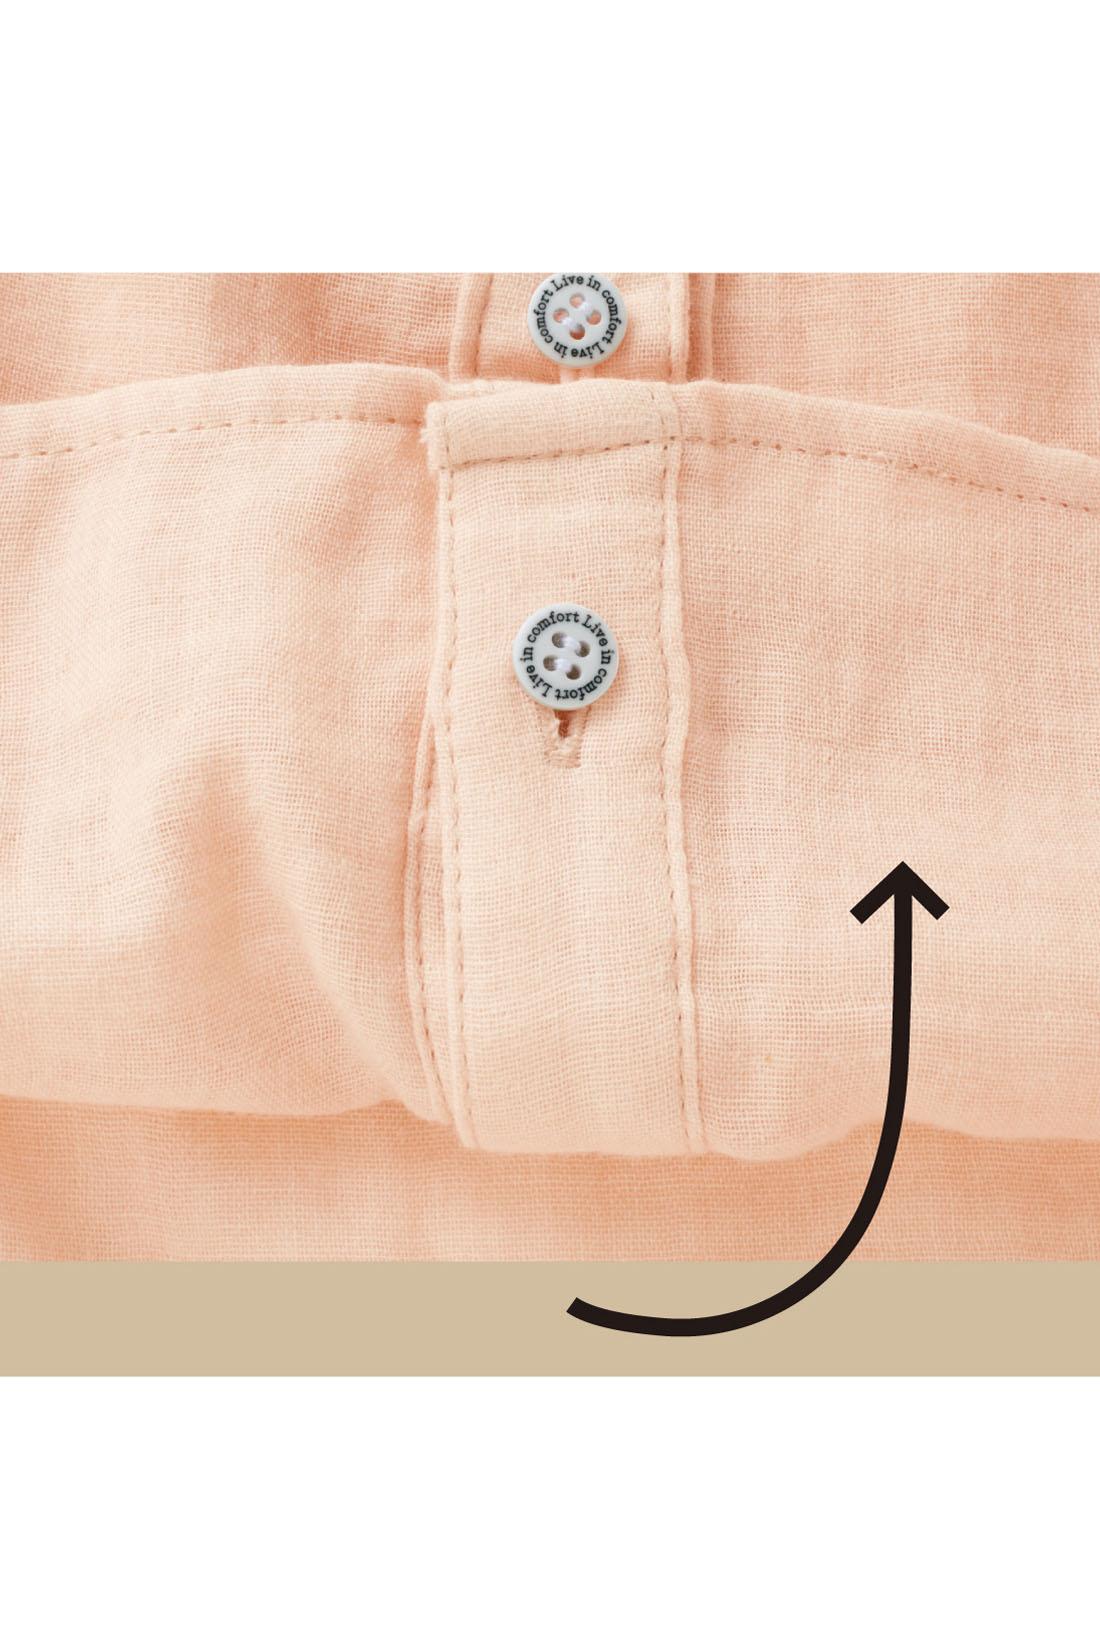 裏側のボタンを留めるとフロントイン風に見えるロールアップボタン付き。ウエストまわりがもたつかずノンストレス。 ※お届けするカラーとは異なります。